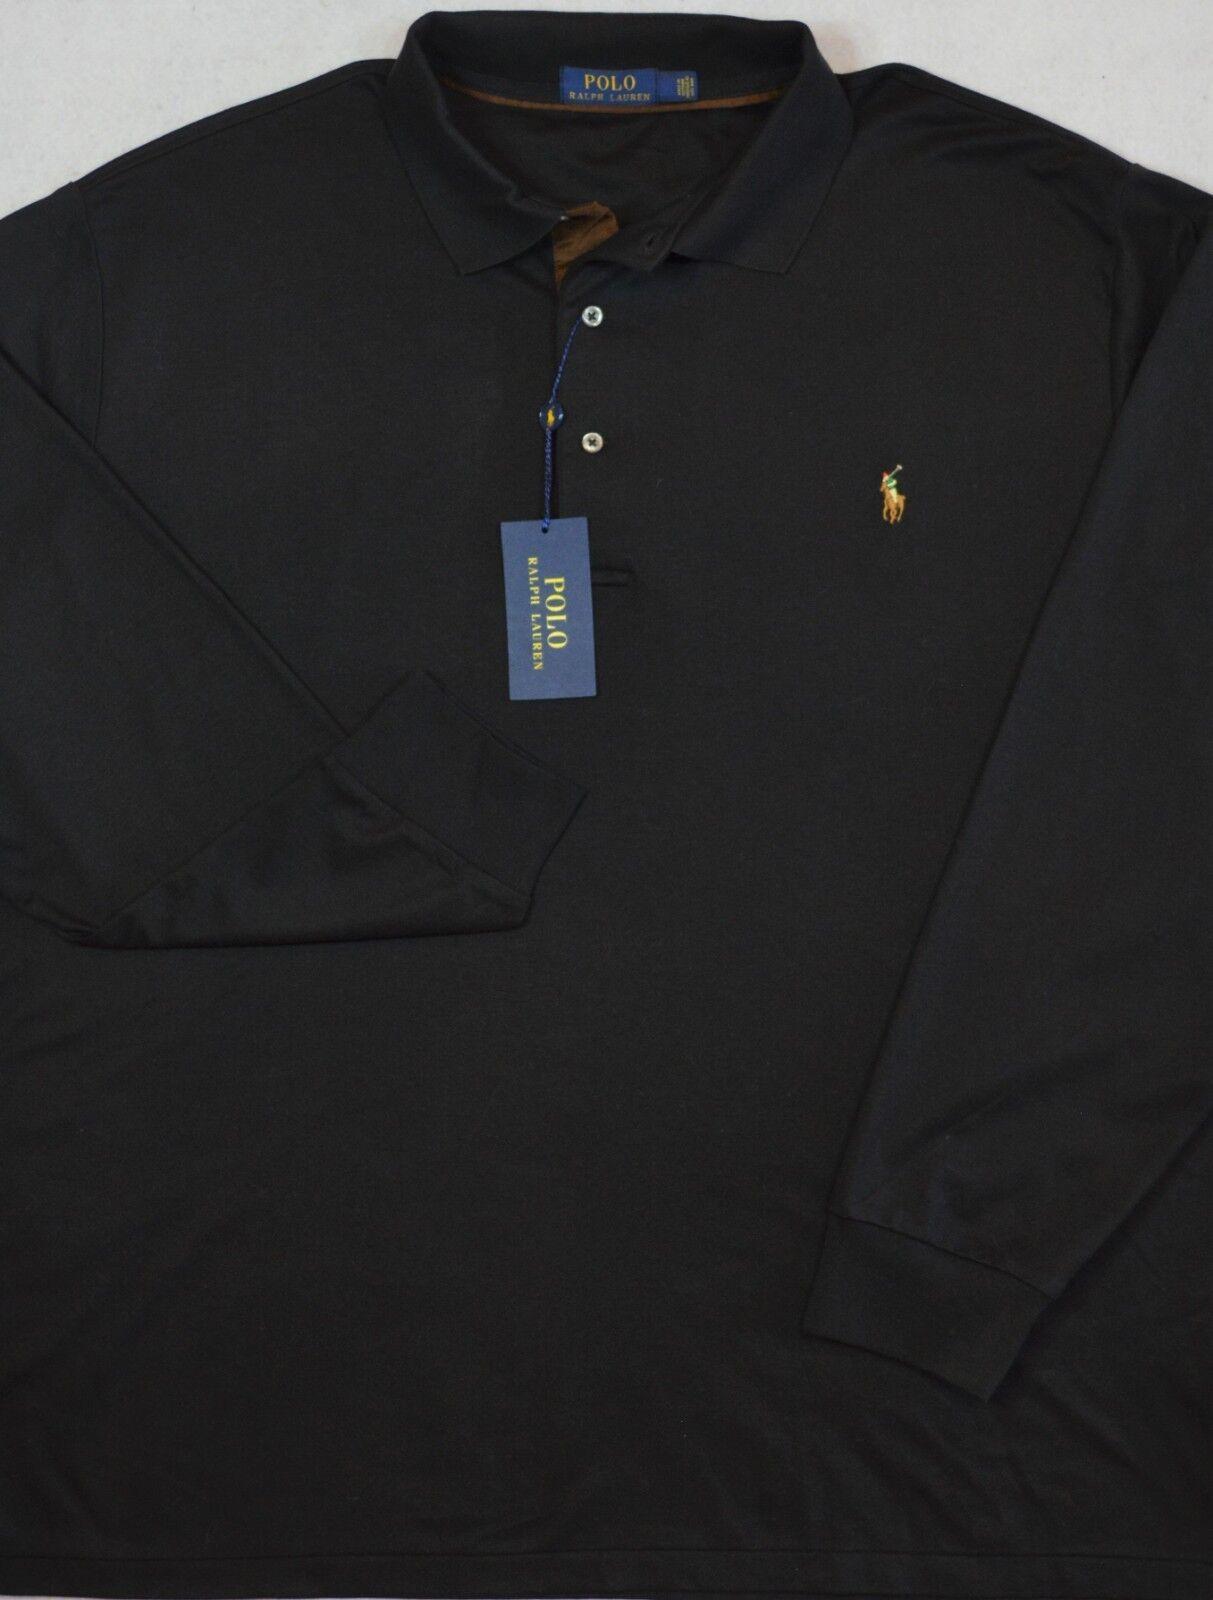 Polo Ralph Lauren Shirt Pima Soft Touch Long Sleeves LT & XLT Tall NWT